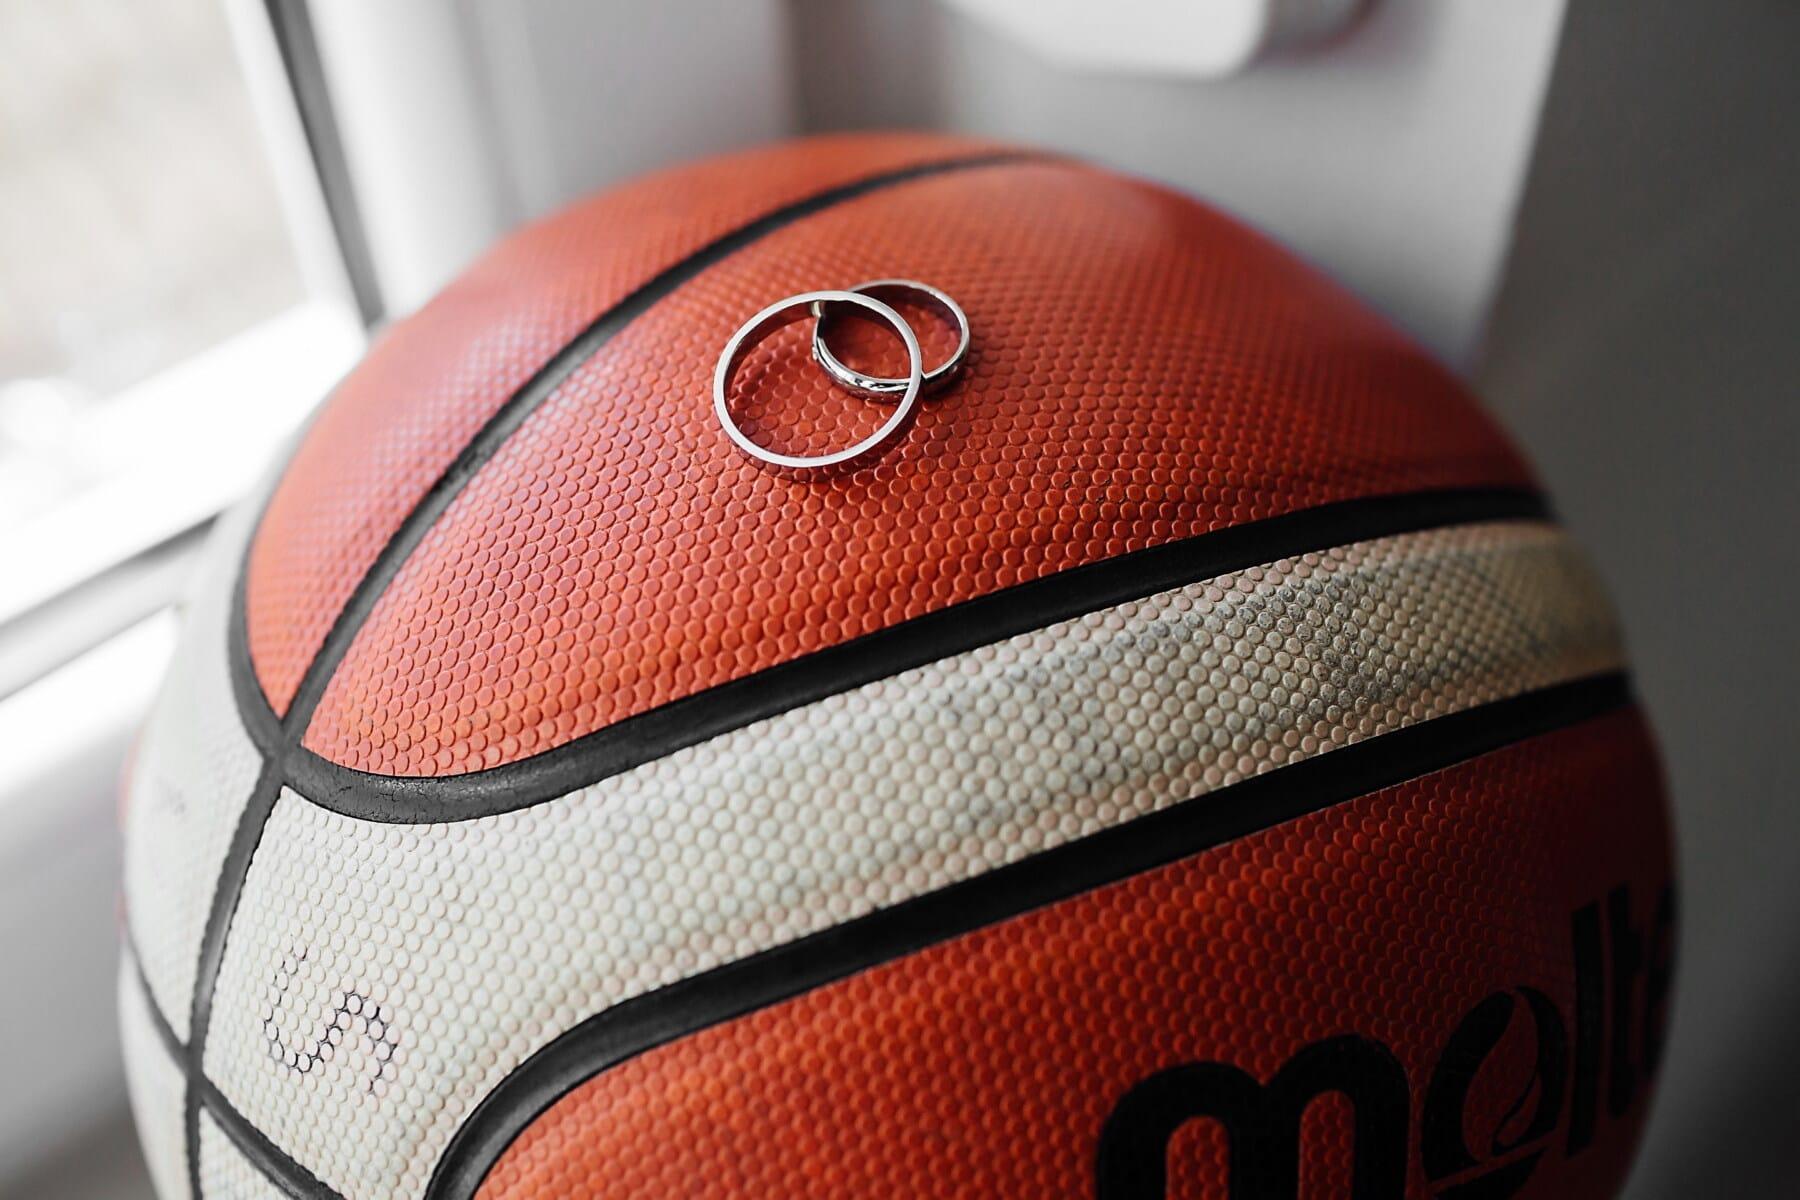 baloncesto, bola, joyería, detalles, oro, anillos, deporte, recreación, competencia, adentro